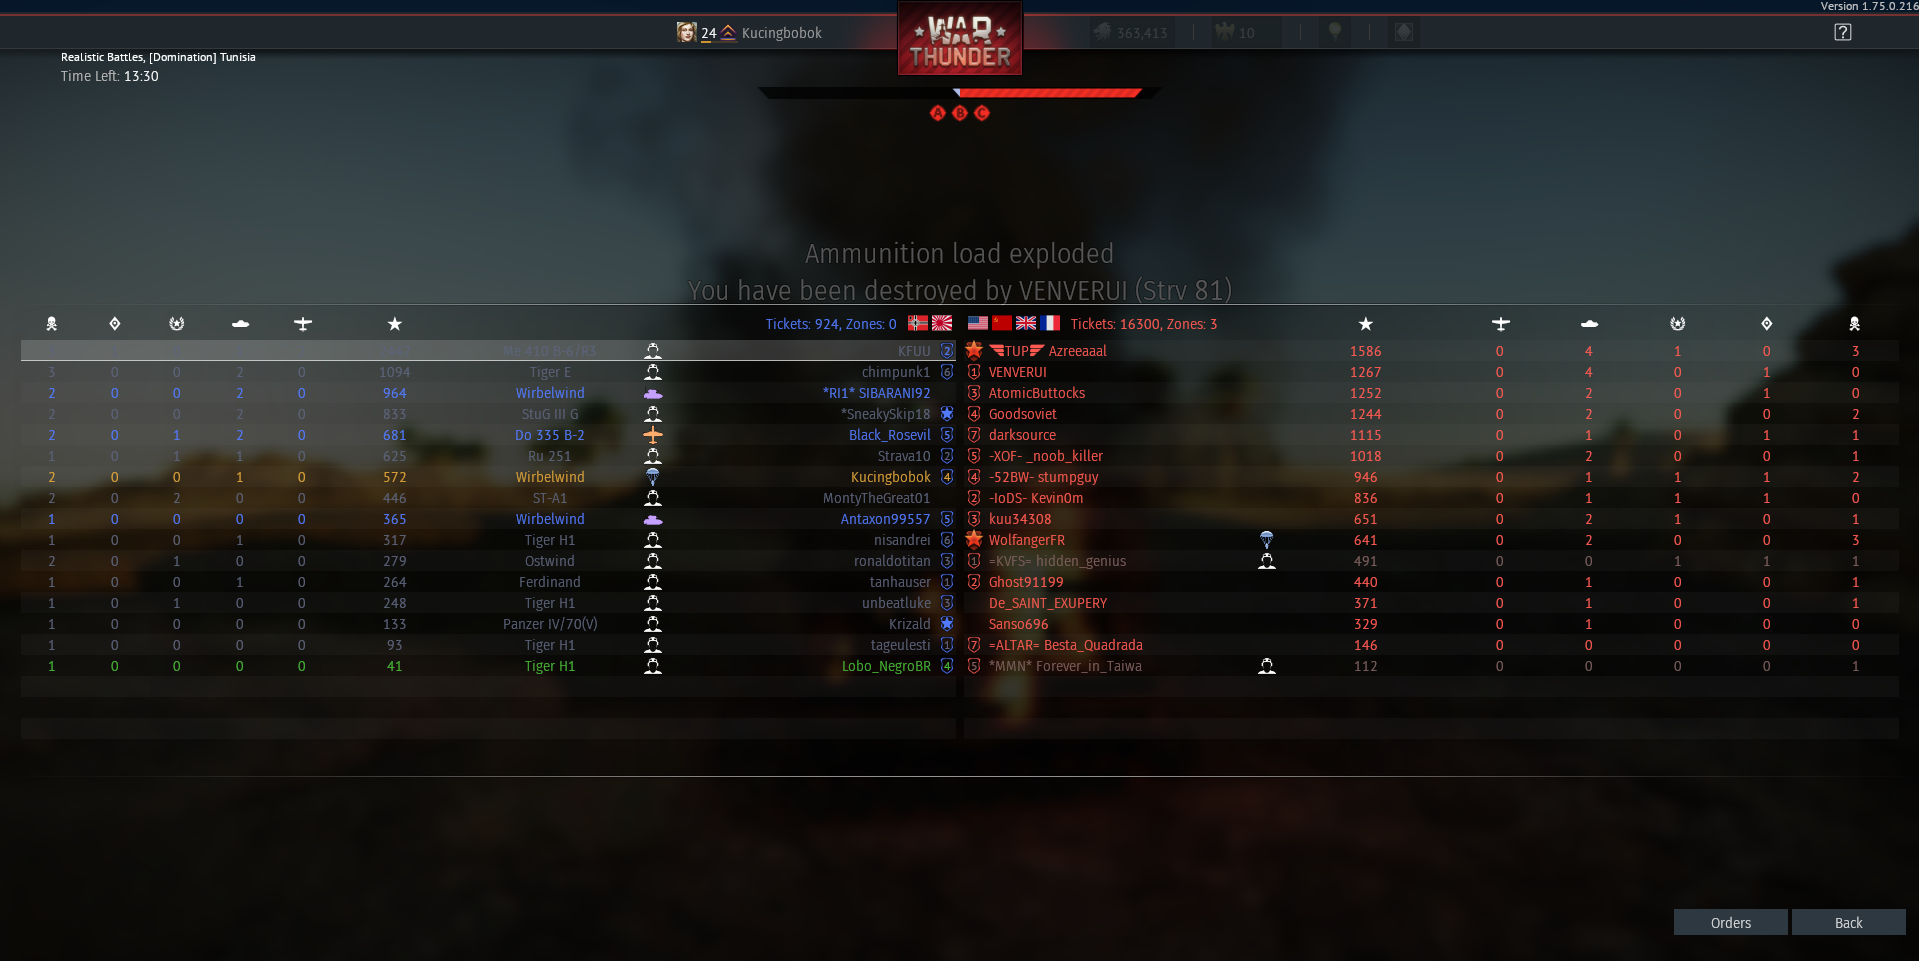 Br war range thunder Battle Rating